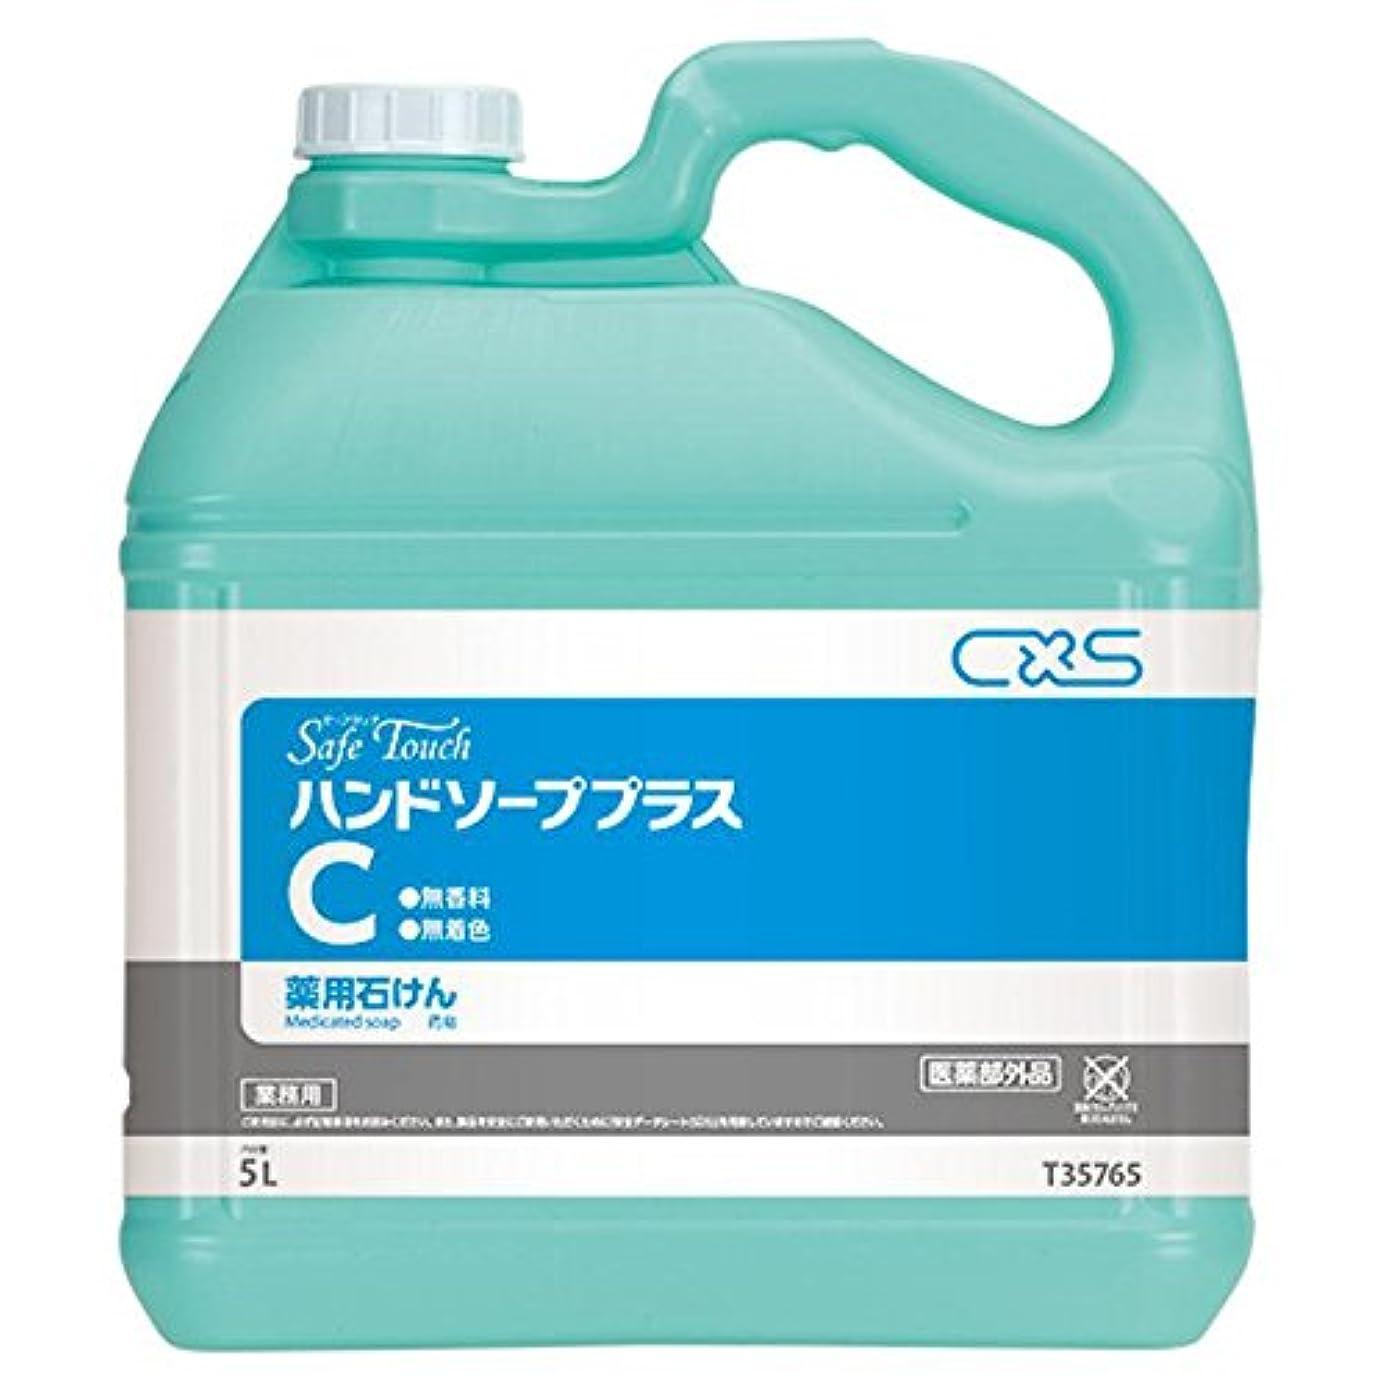 庭園コメンテータービンシーバイエス(C×S) 手洗い用石鹸 セーフタッチハンドソーププラスC 5L